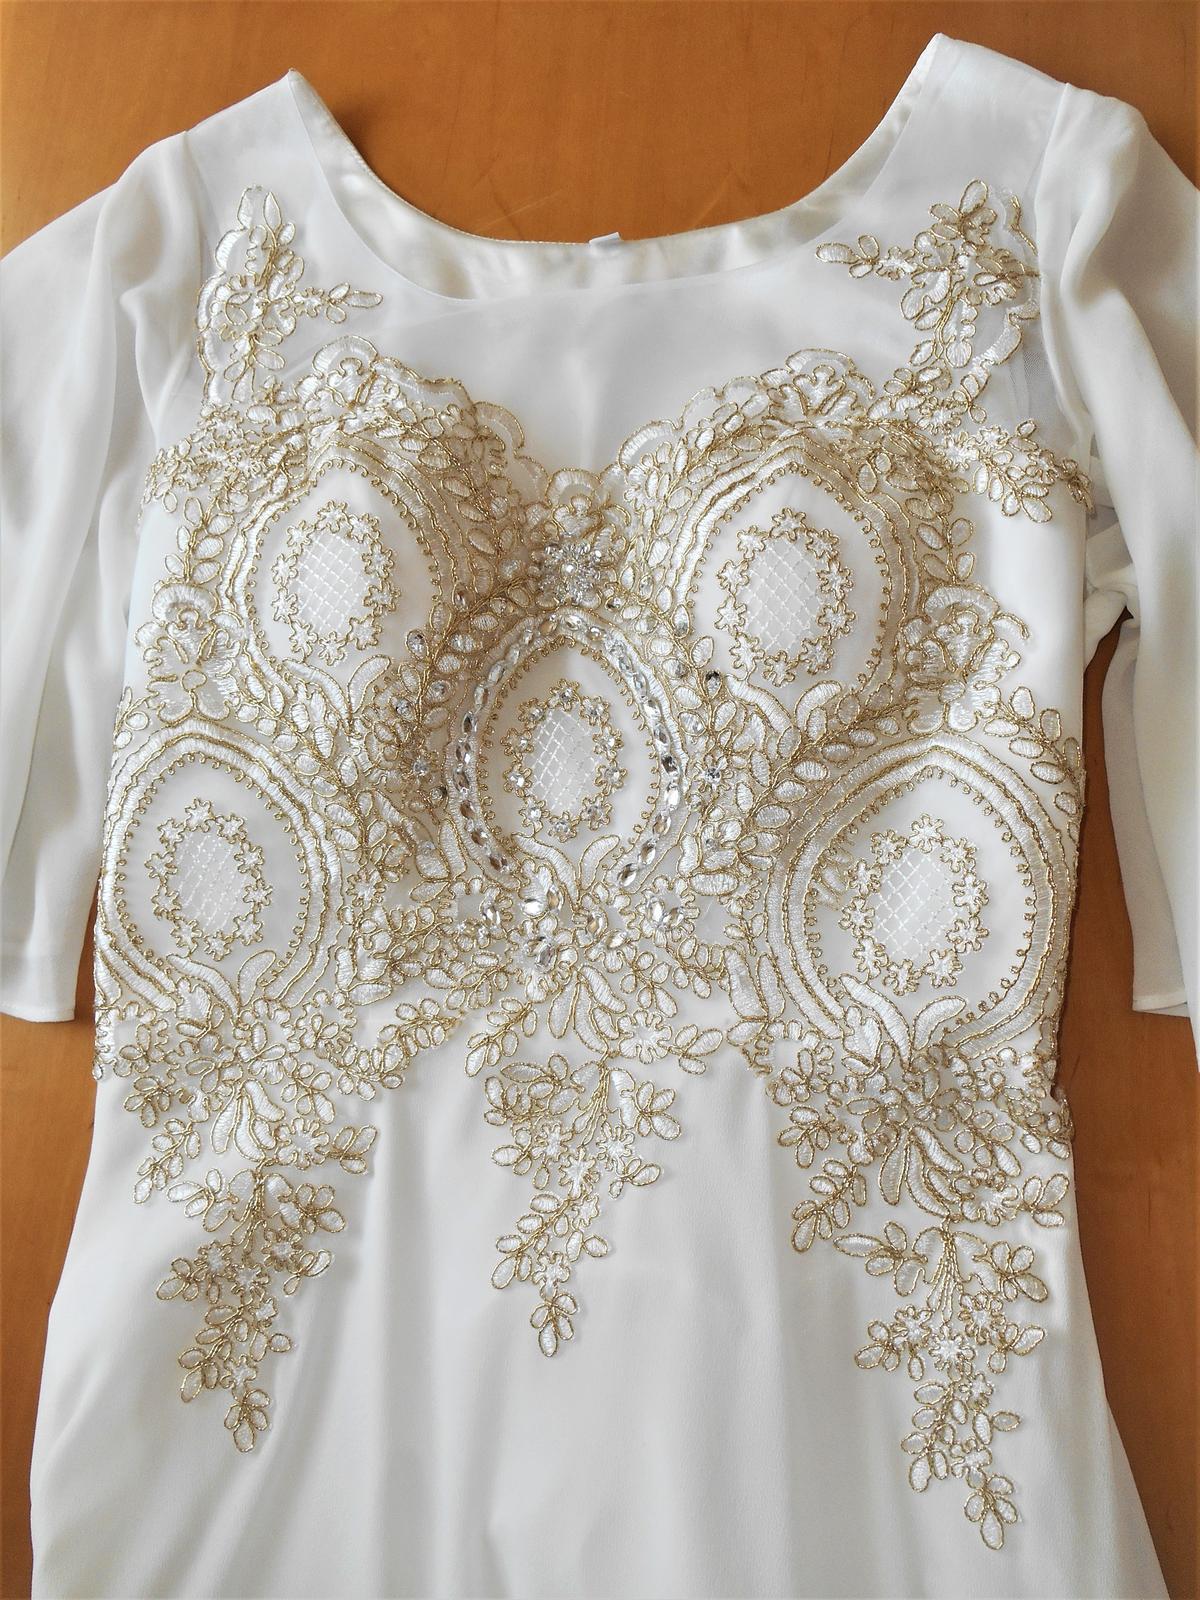 biele spoločenské šaty Pretty Women veľ. 42 - Obrázok č. 4